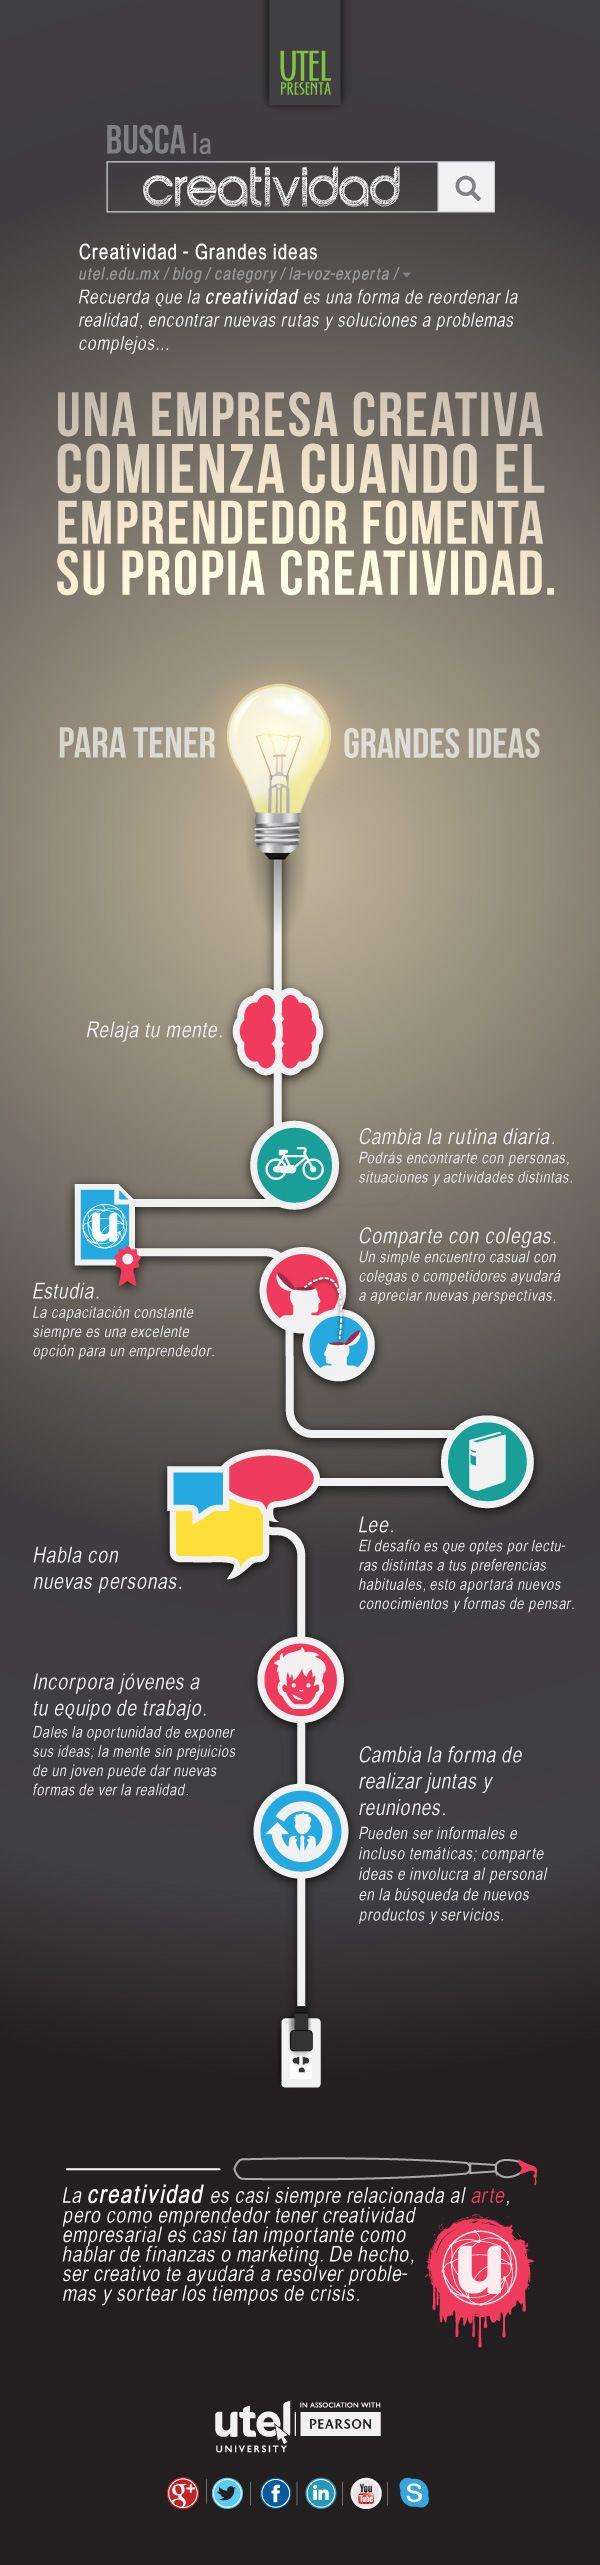 Encuentra tu Creatividad, hazla brillar y tu con ella. Ingredientes básicos para generar tu realidad blog.lluisayroso.com www.holoplace.net/info